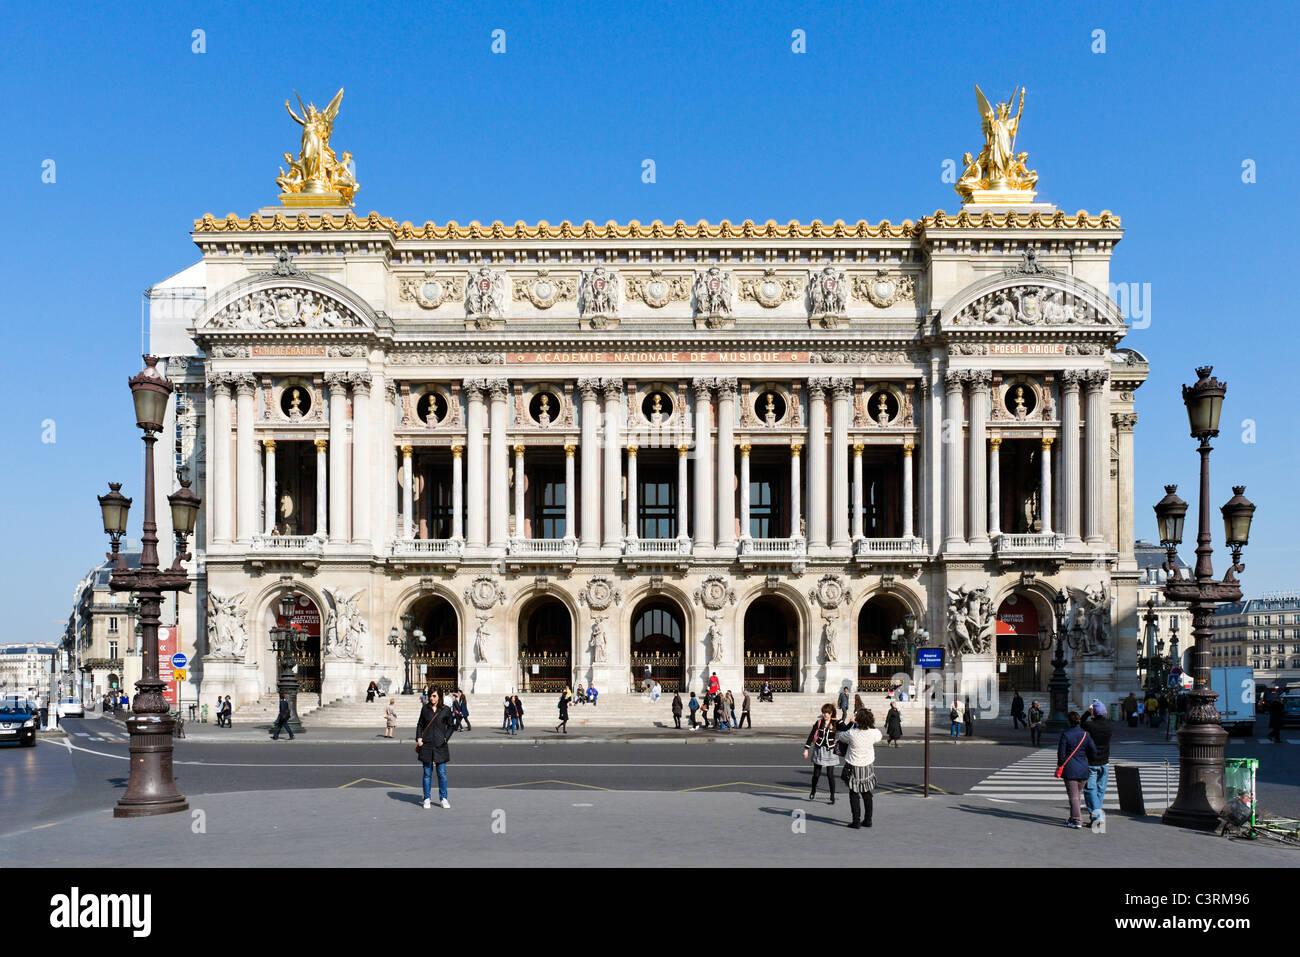 The Paris Opera (Palais Garnier), Place de l'Opera, Paris, France - Stock Image